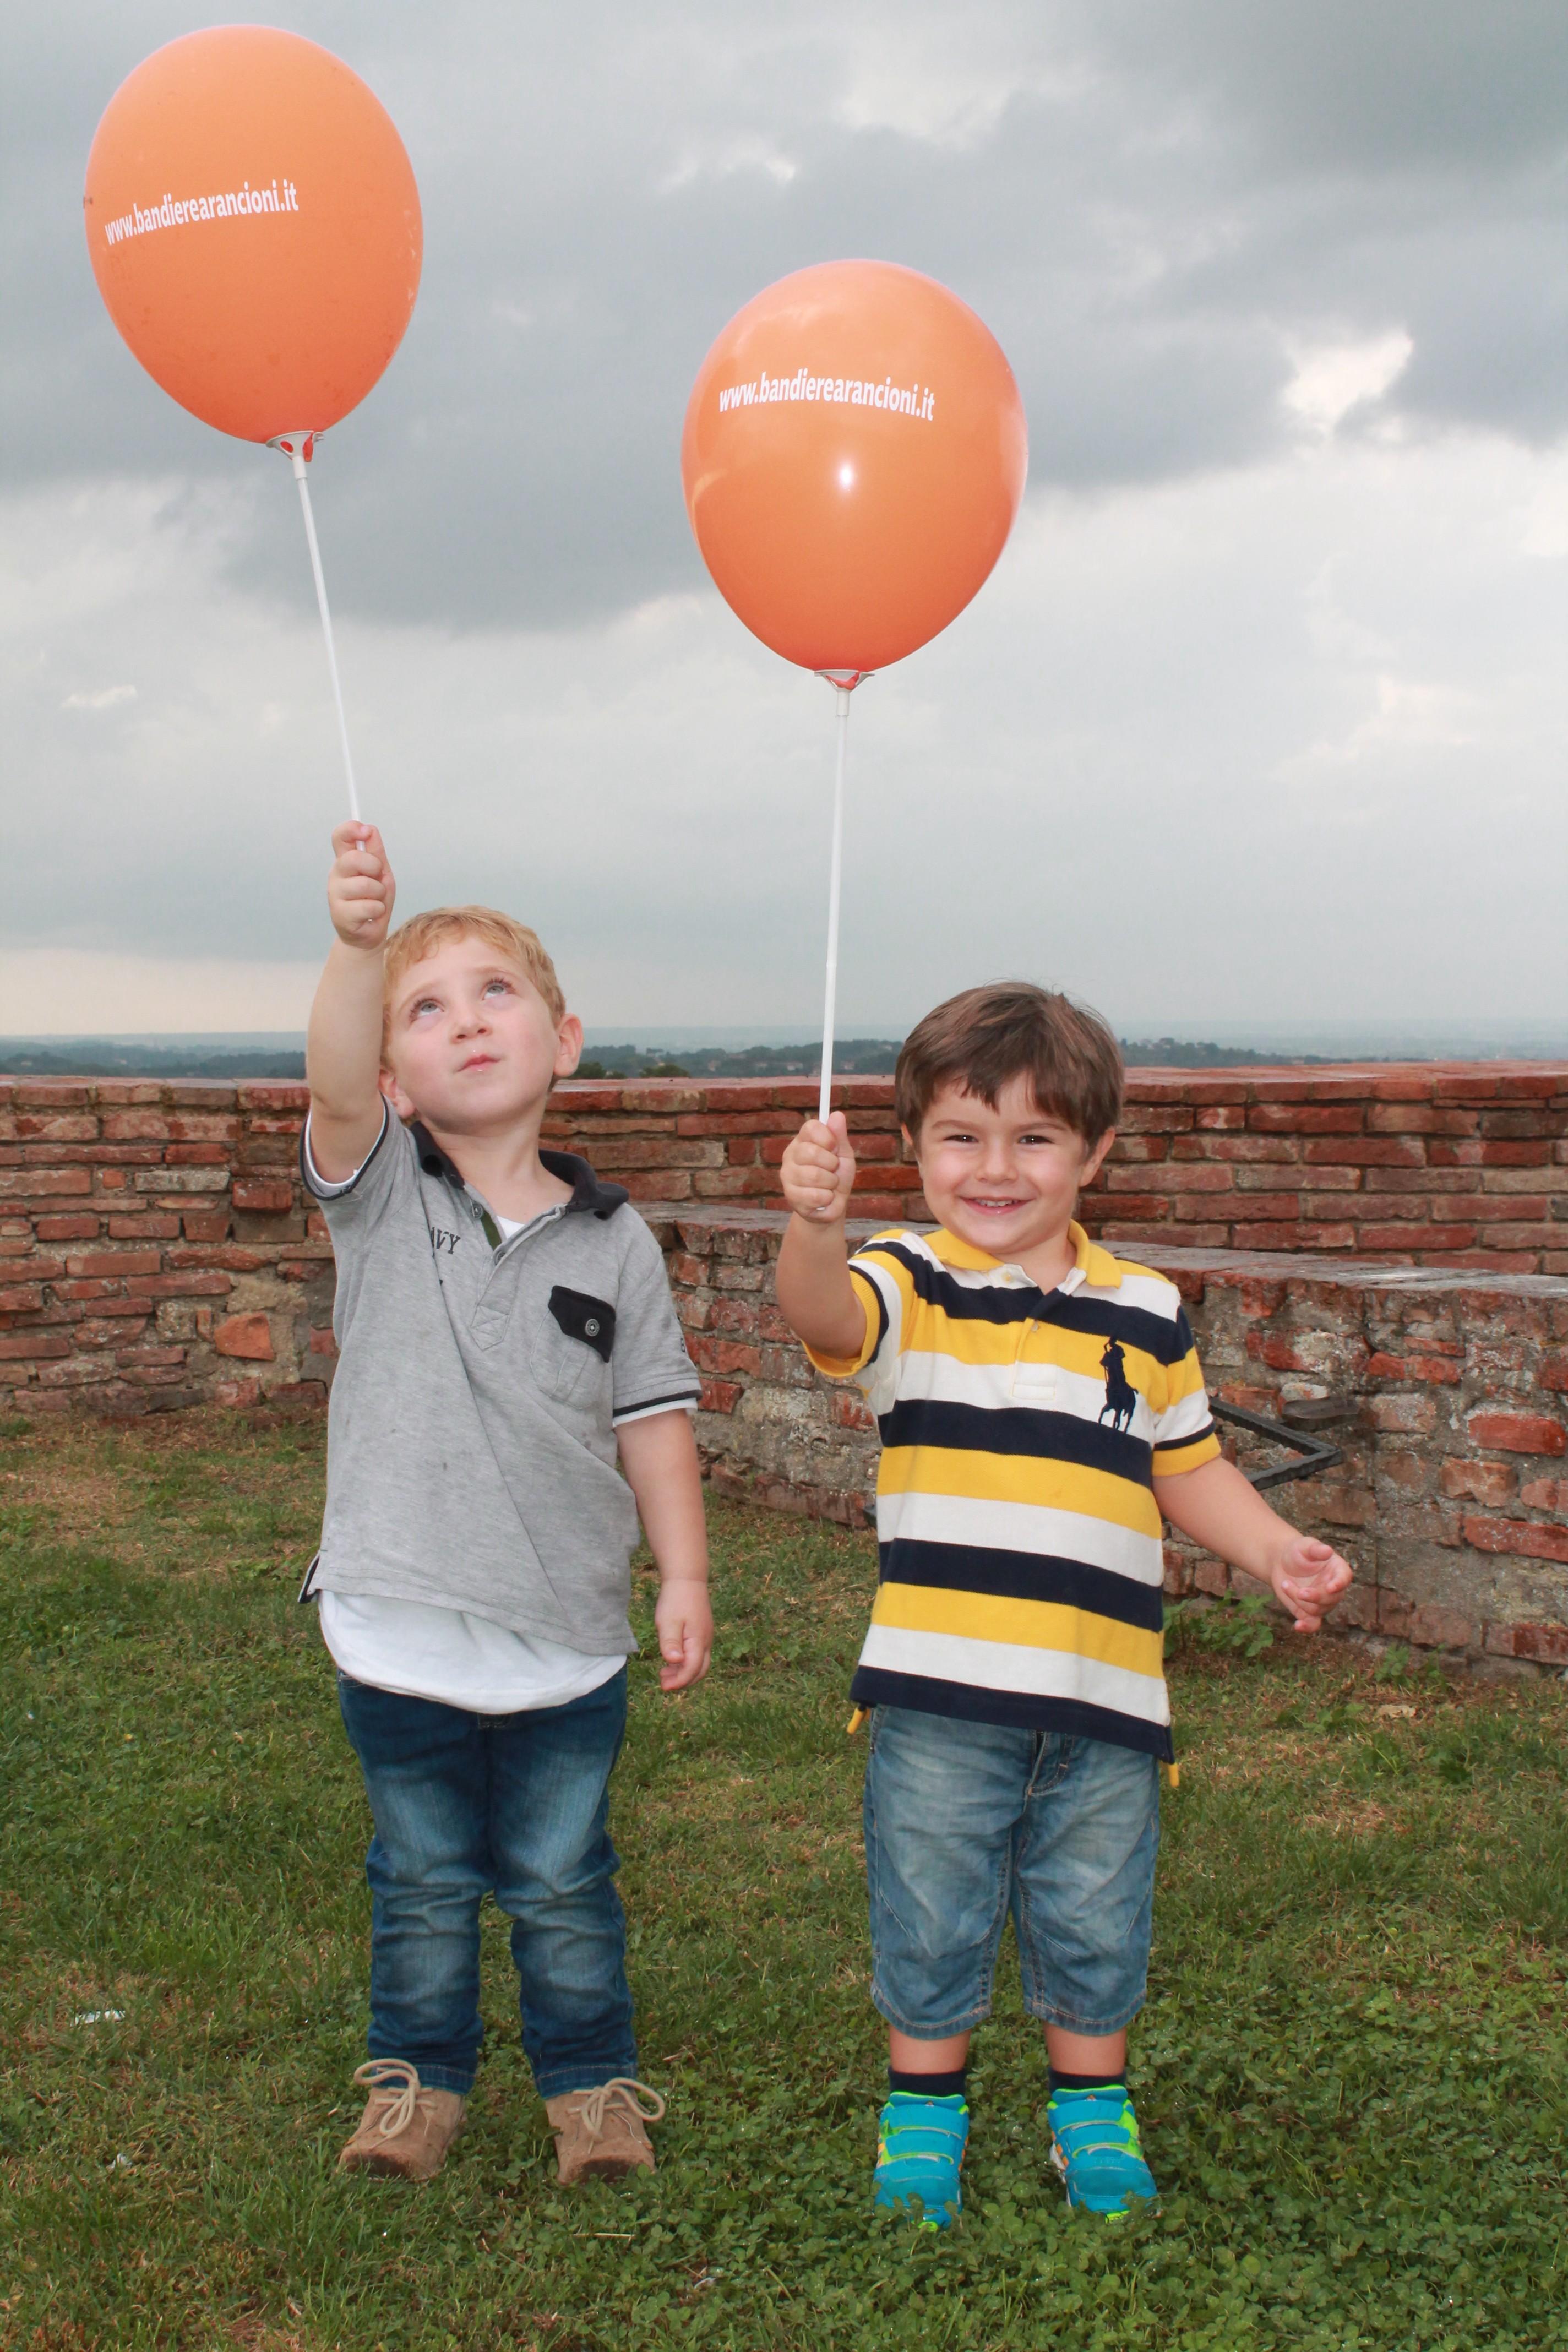 Una giornata arancione con i bimbi a Lari